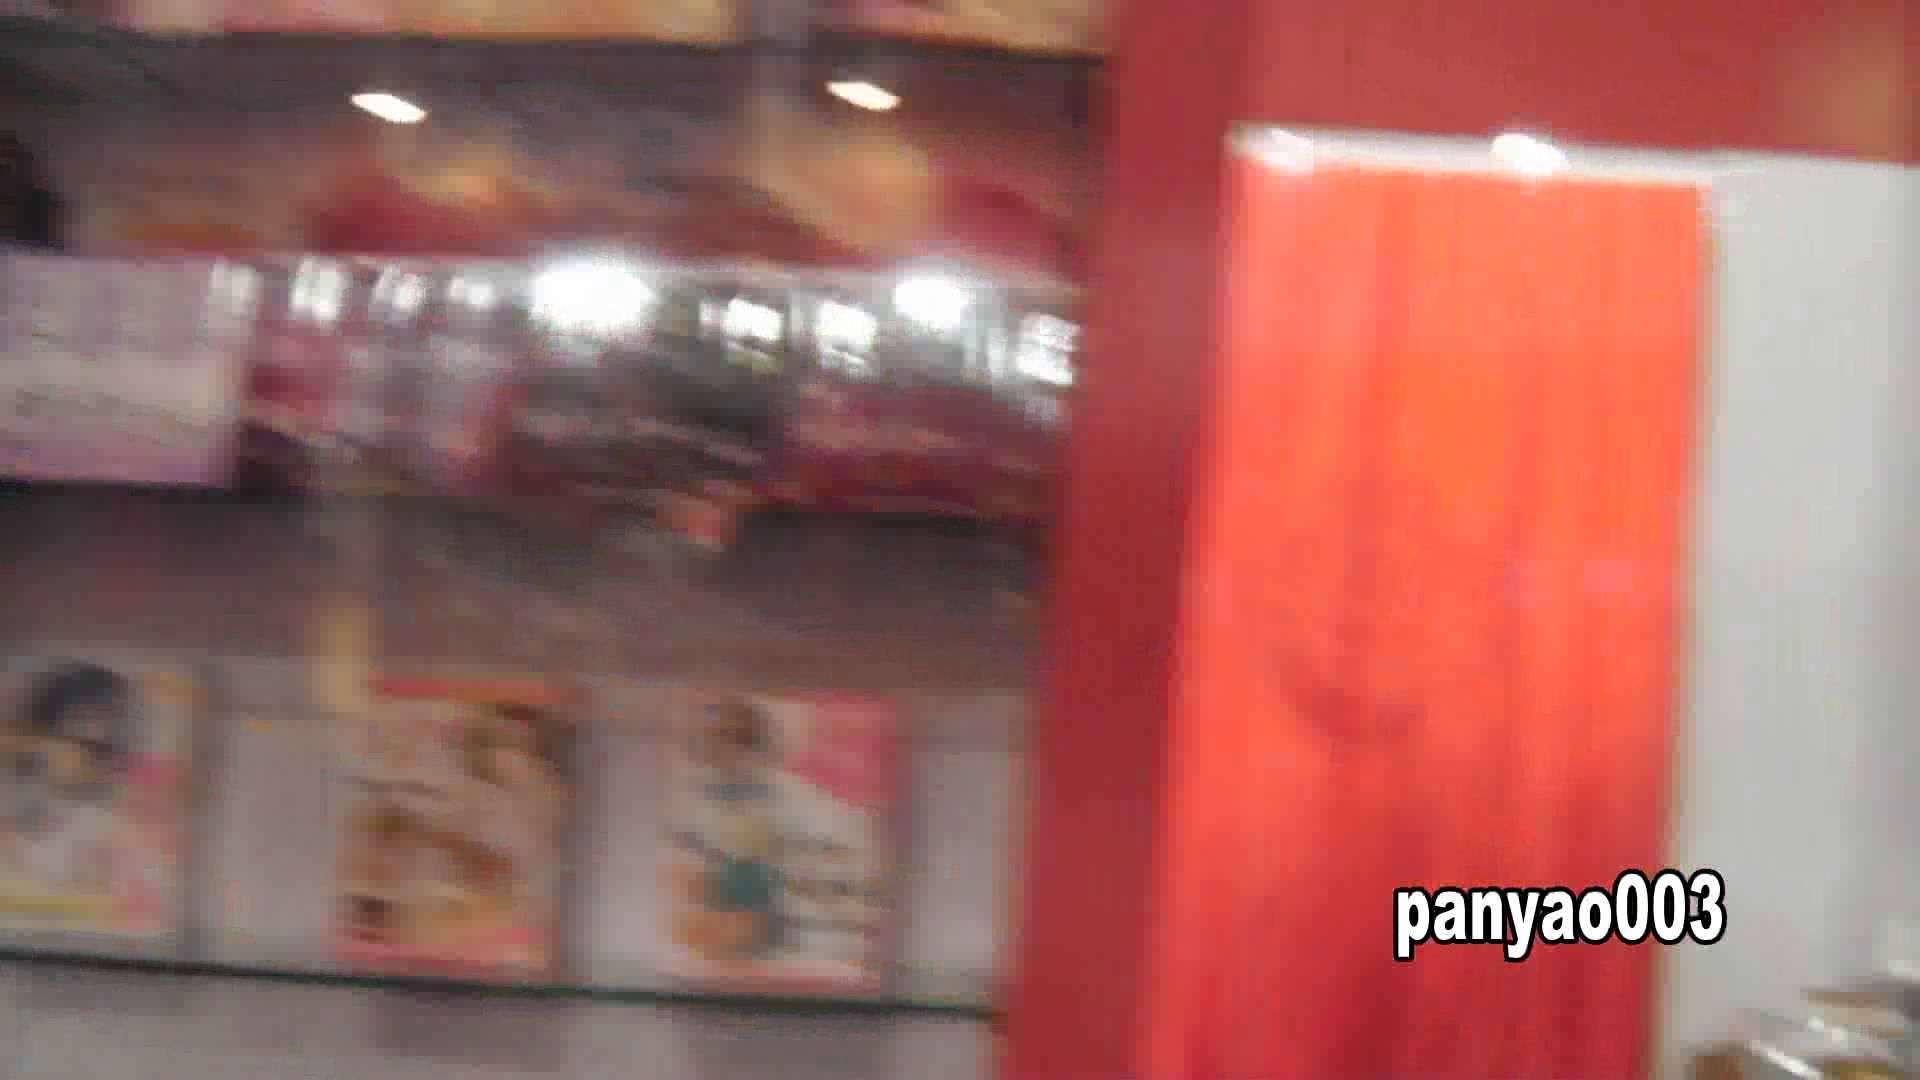 日本成人用品展览会。vol.03 ミリミリミリィ 潜入突撃 | 着替え  79pic 46